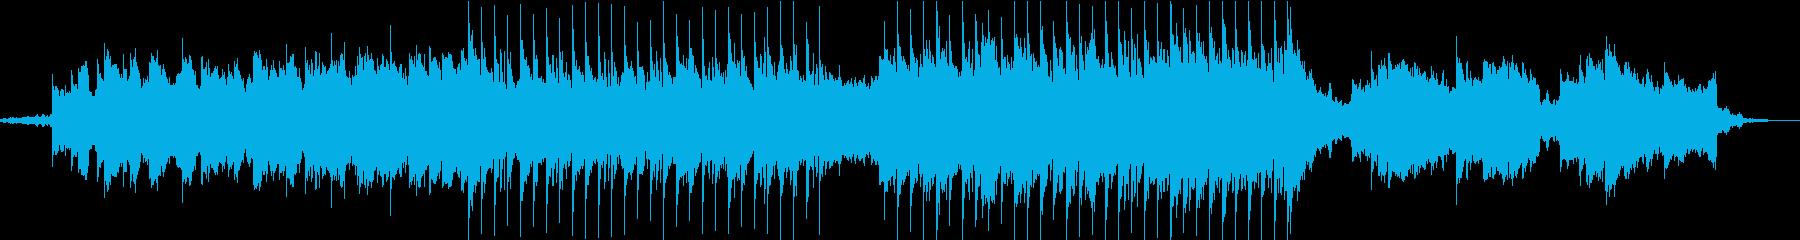 ゆったりオシャレなラウンジBGMの再生済みの波形